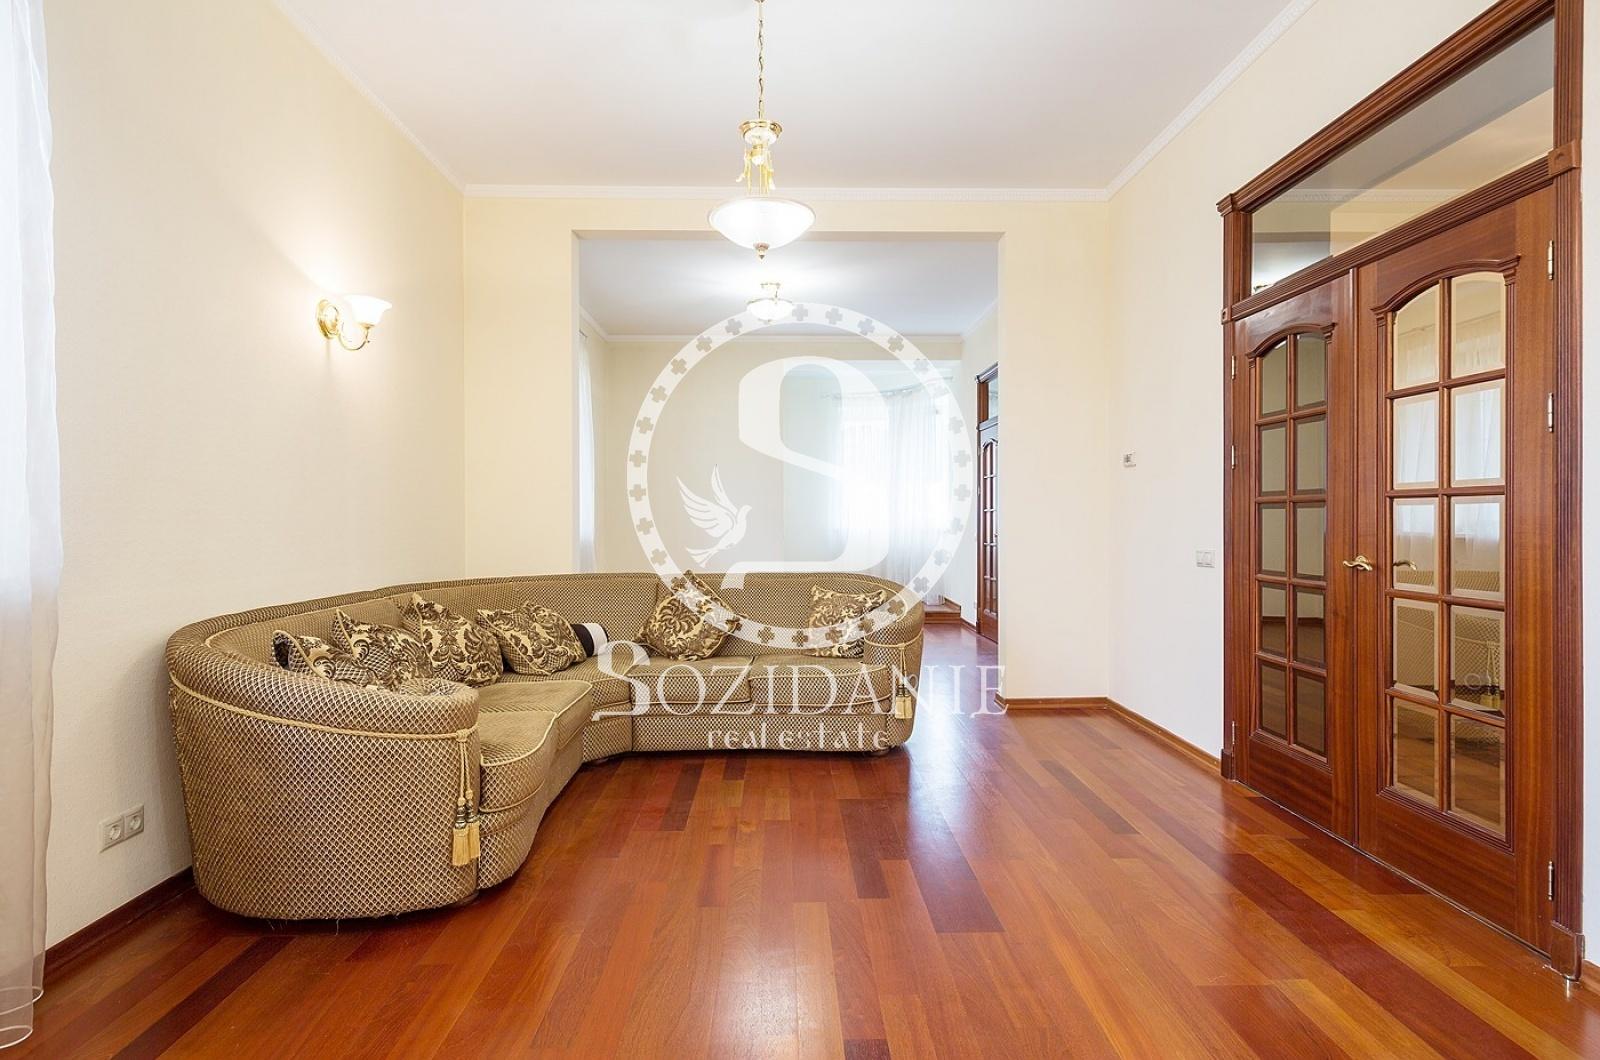 5 Bedrooms, Загородная, Продажа, Listing ID 3532, Московская область, Россия,